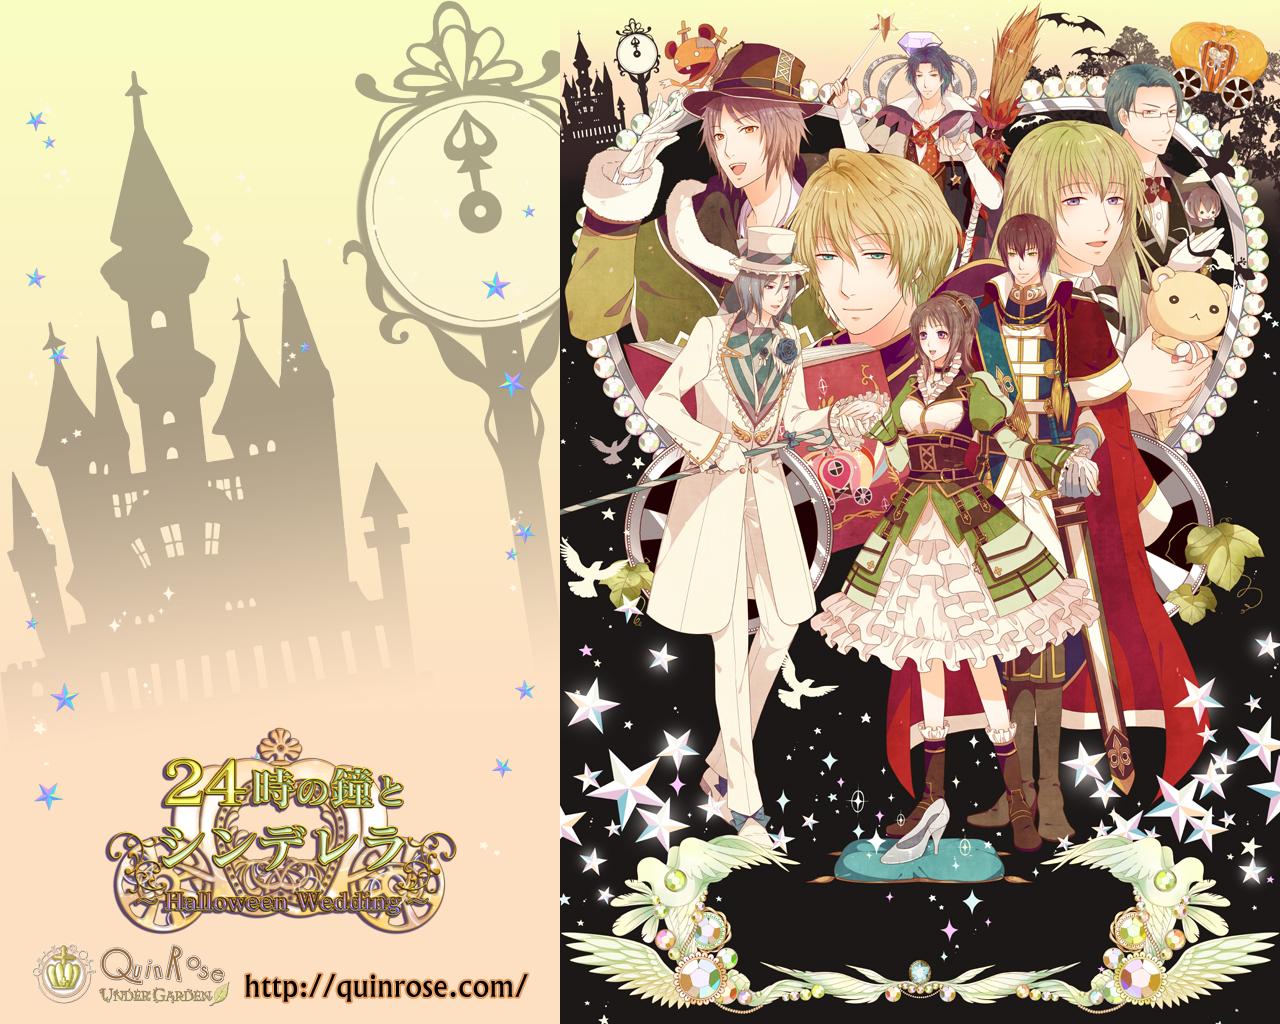 24 Ji no Kane no Cinderella ~Halloween Wedding~ (The 24 O'clock ...